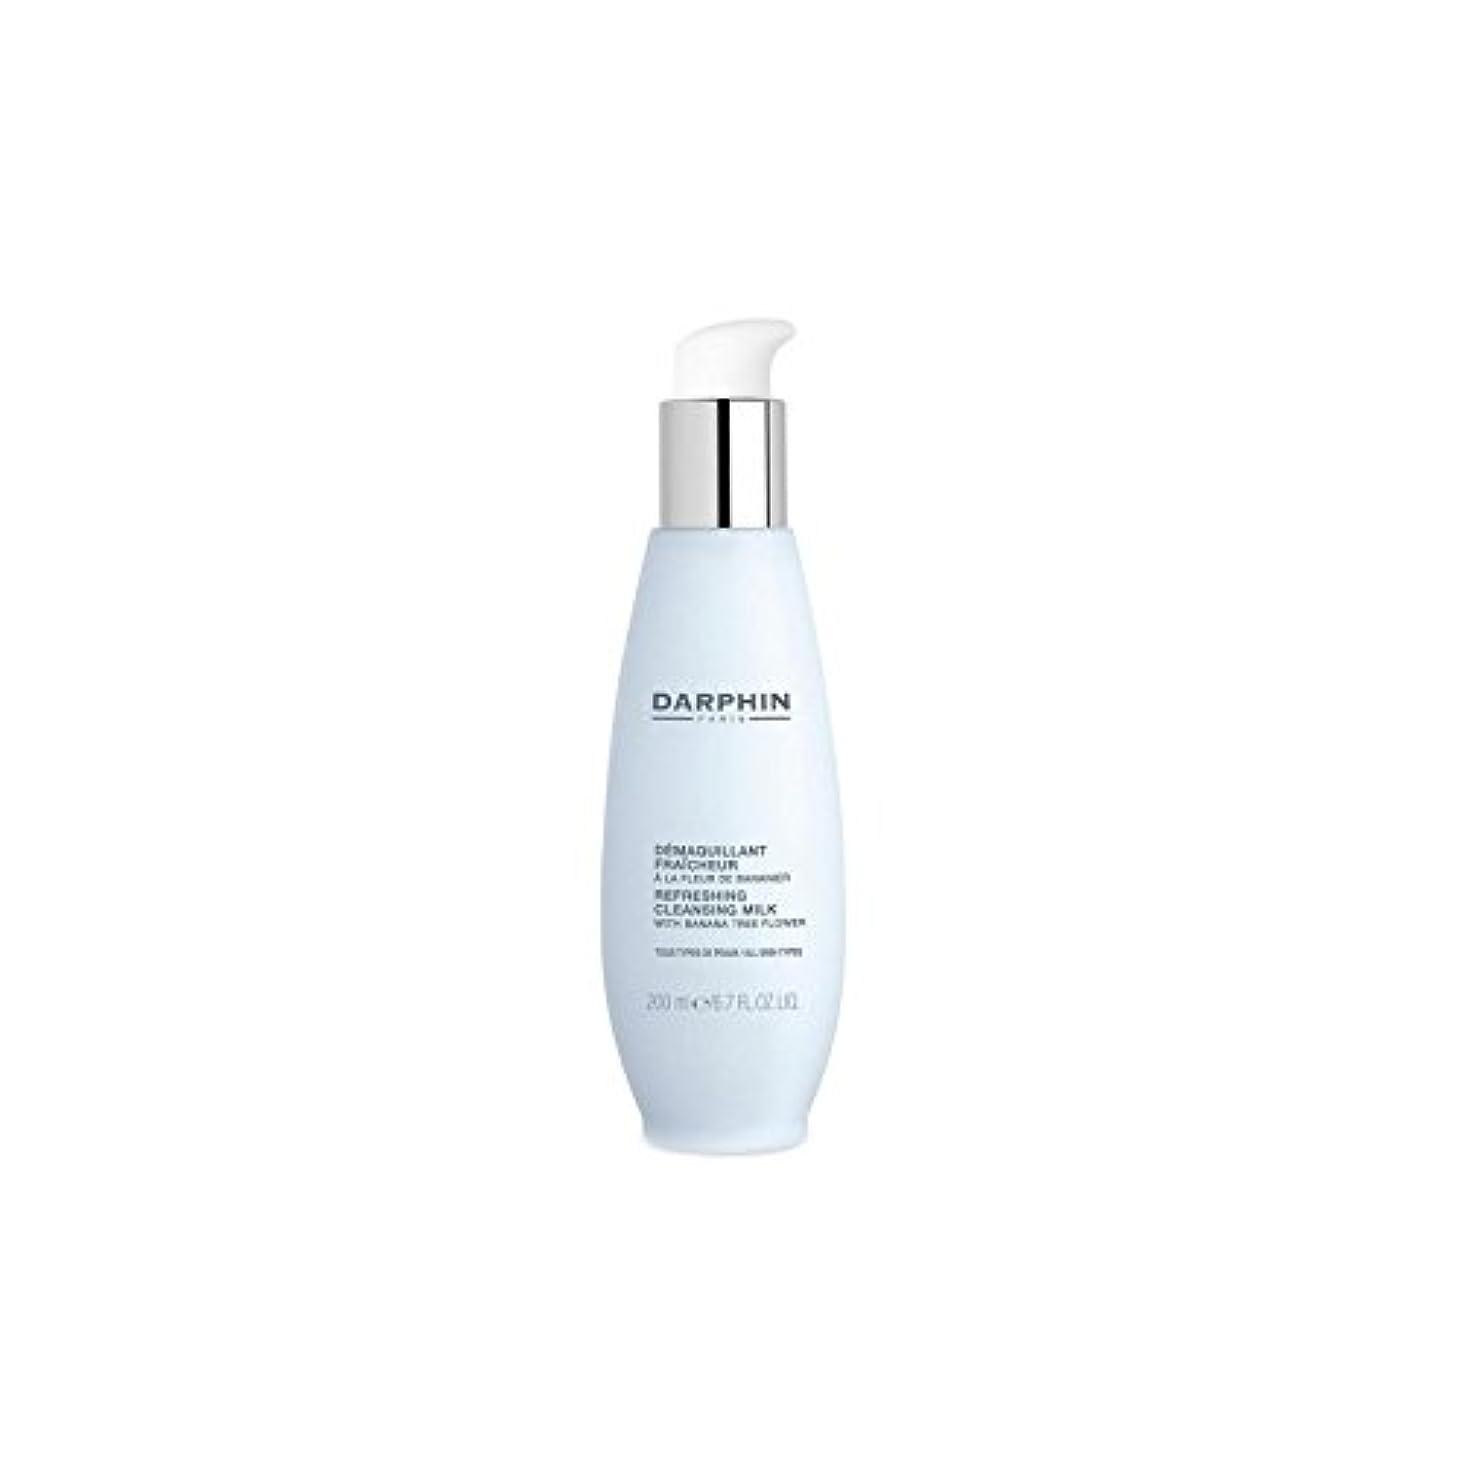 見捨てる意気込み比較的さわやかなクレンジングミルクをダルファン - 正常な皮膚のために(200ミリリットル) x4 - Darphin Refreshing Cleansing Milk - For Normal Skin (200ml) (...